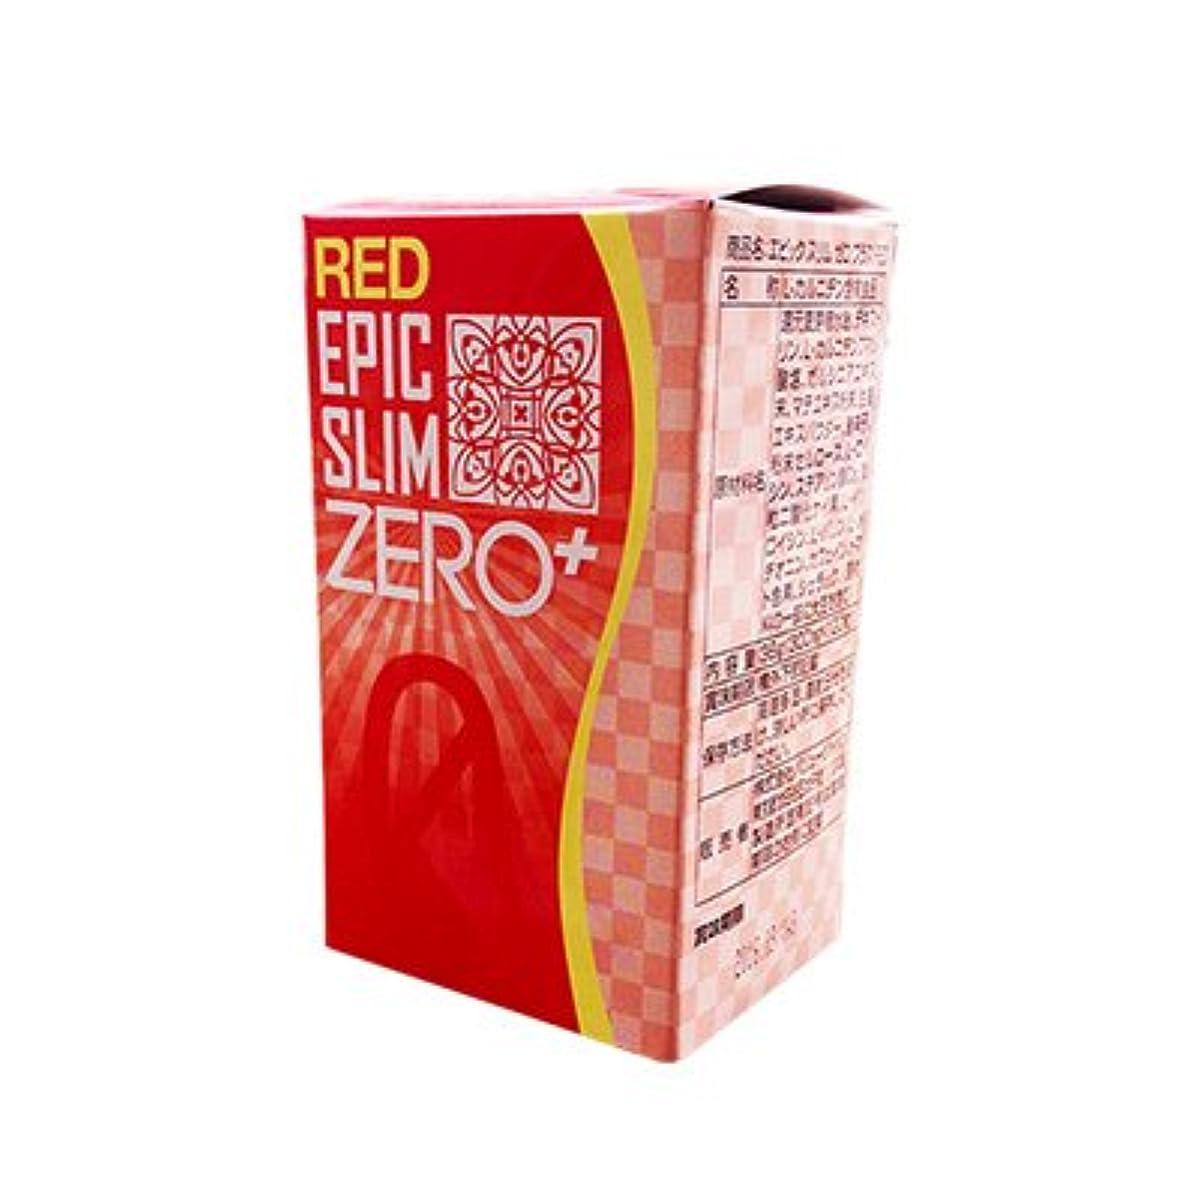 頑固な救いコーンレッド エピックスリム ゼロ レッド Epic Slim ZERO RED